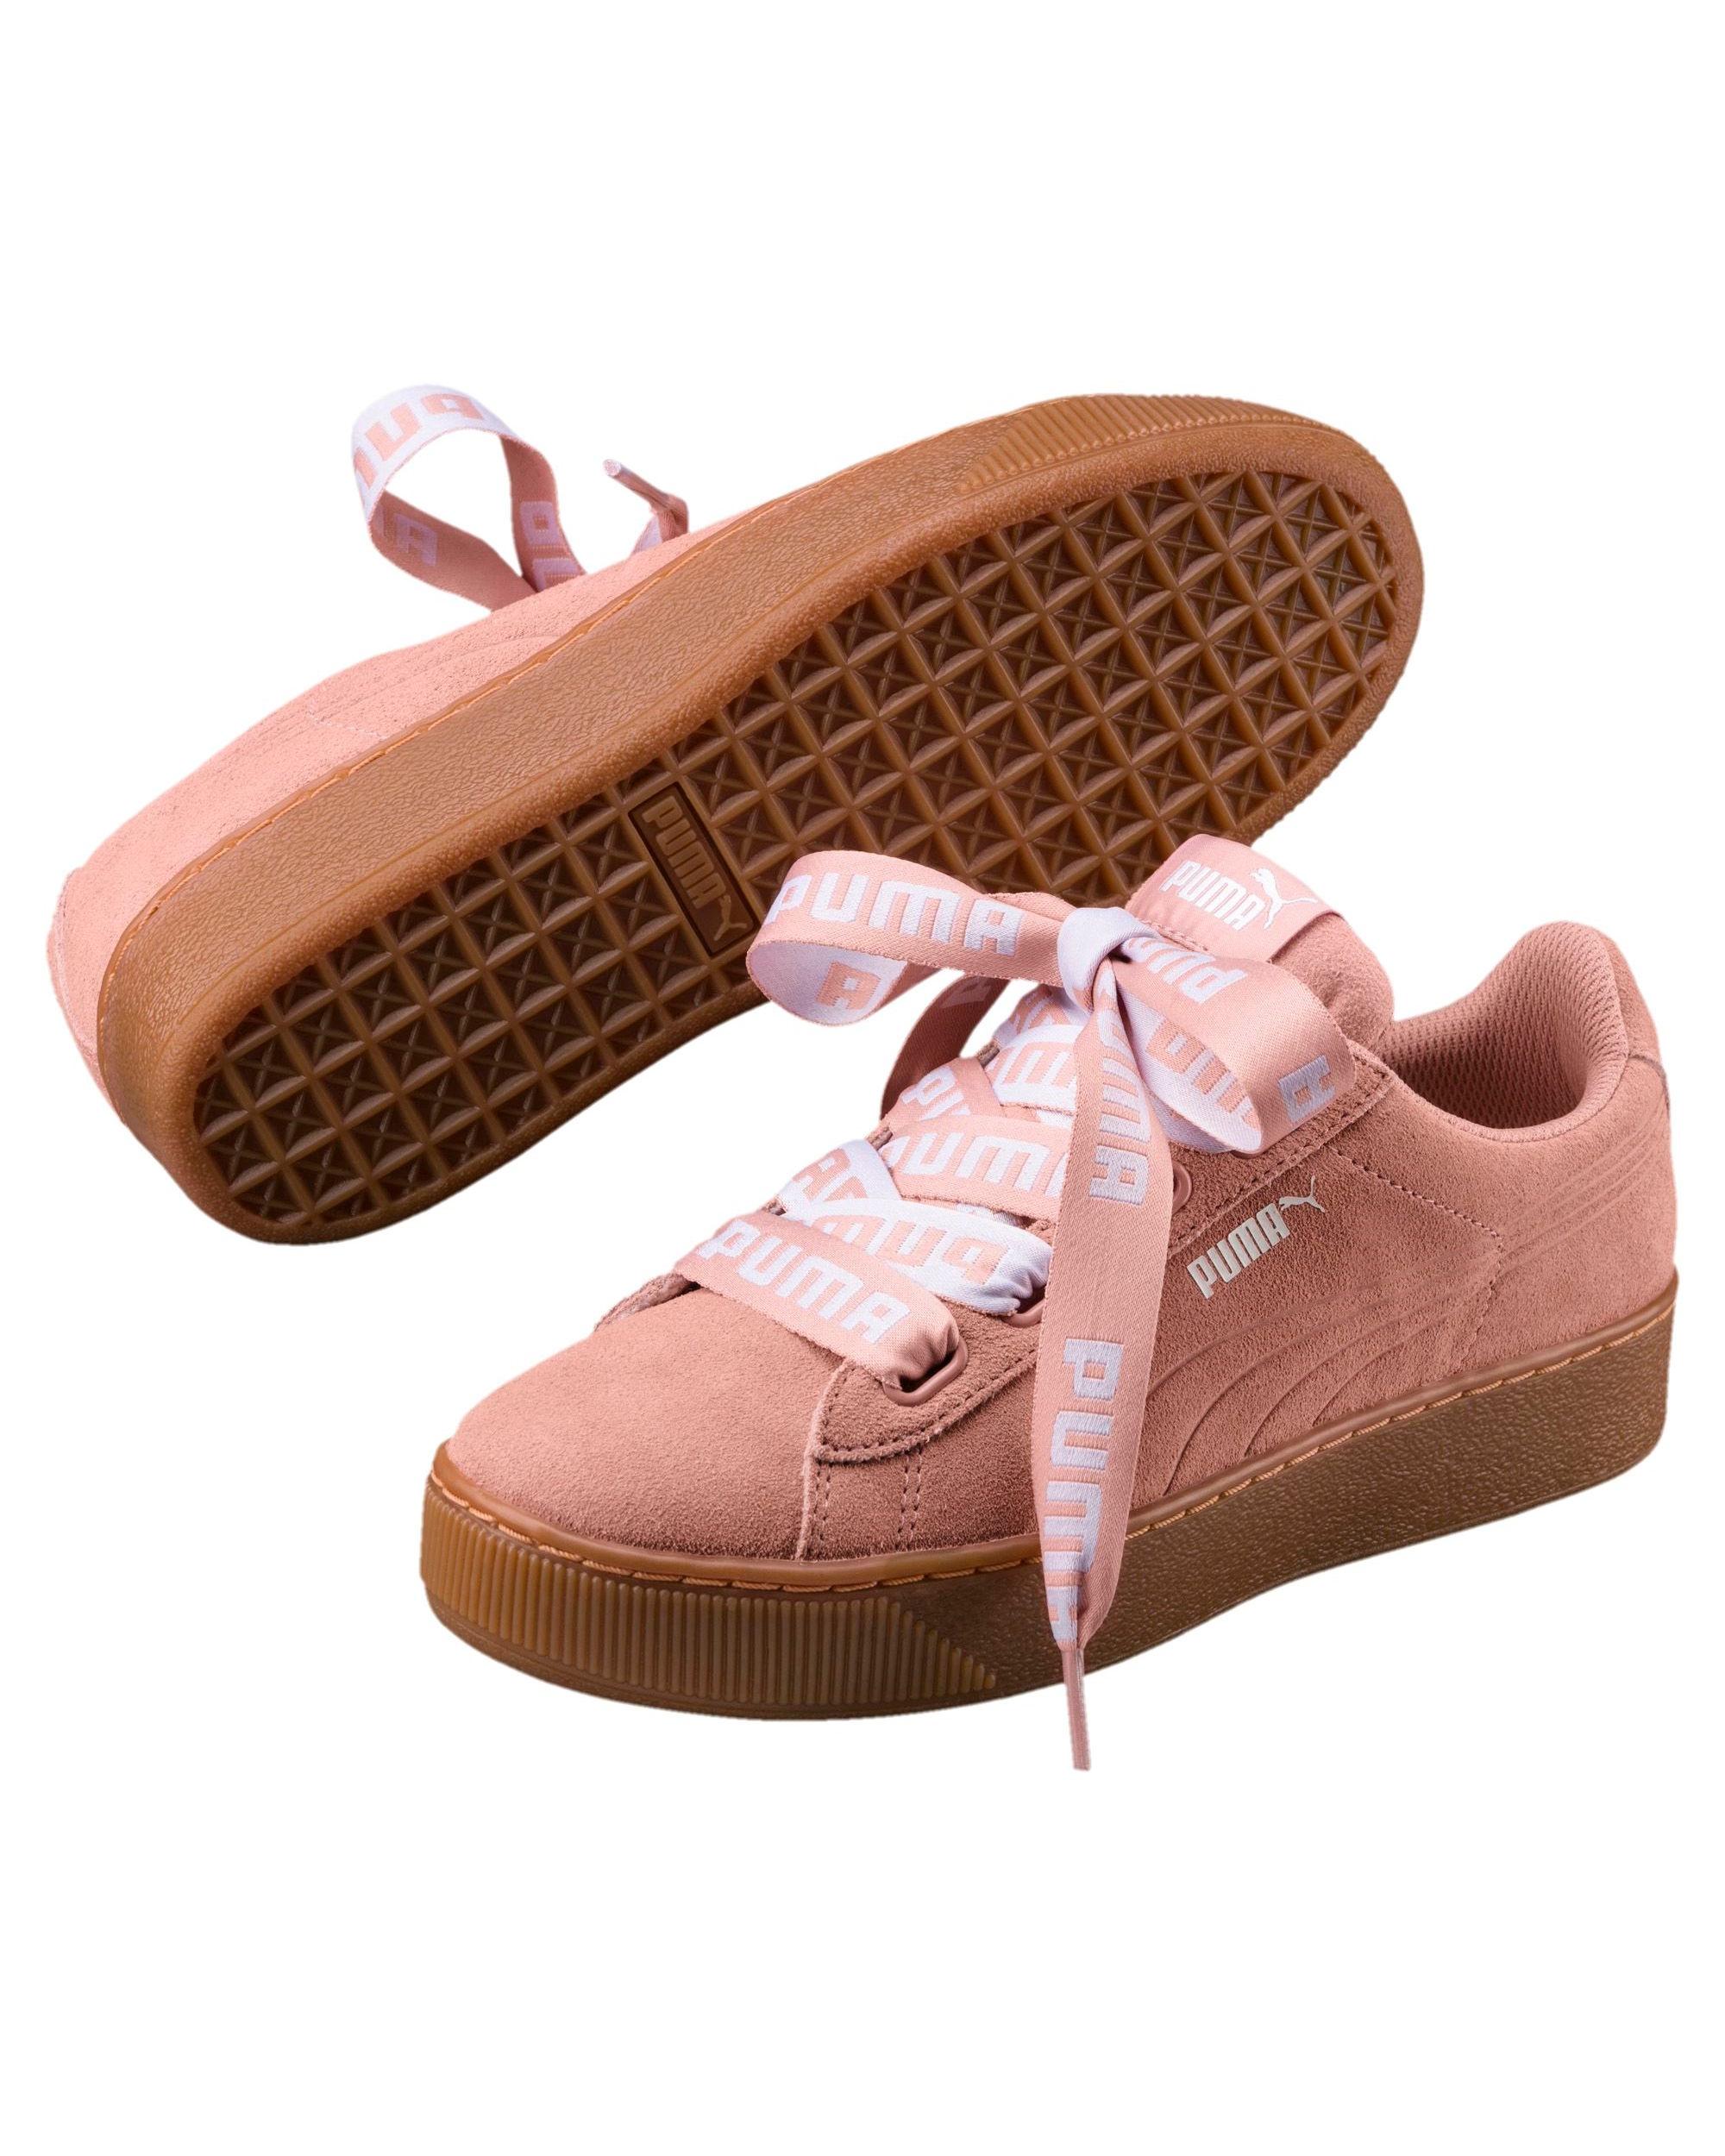 Puma Sport Schuhe Shoe Sneakers Vikky Pltfm Ribbon Bold Rihanna Damen Rosa